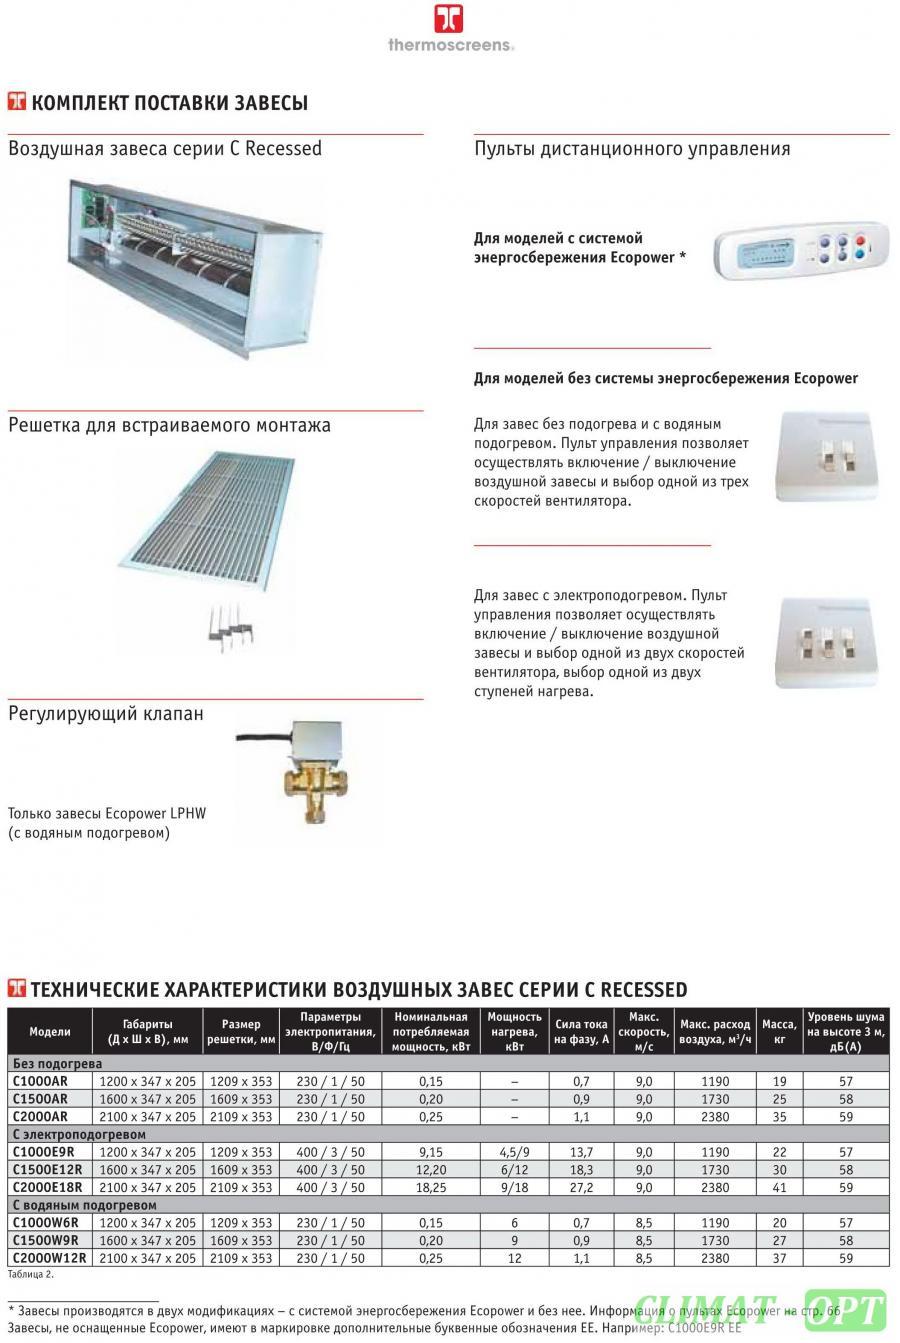 Thermoscreens встраиваемая серия C E R с Электроподогревом